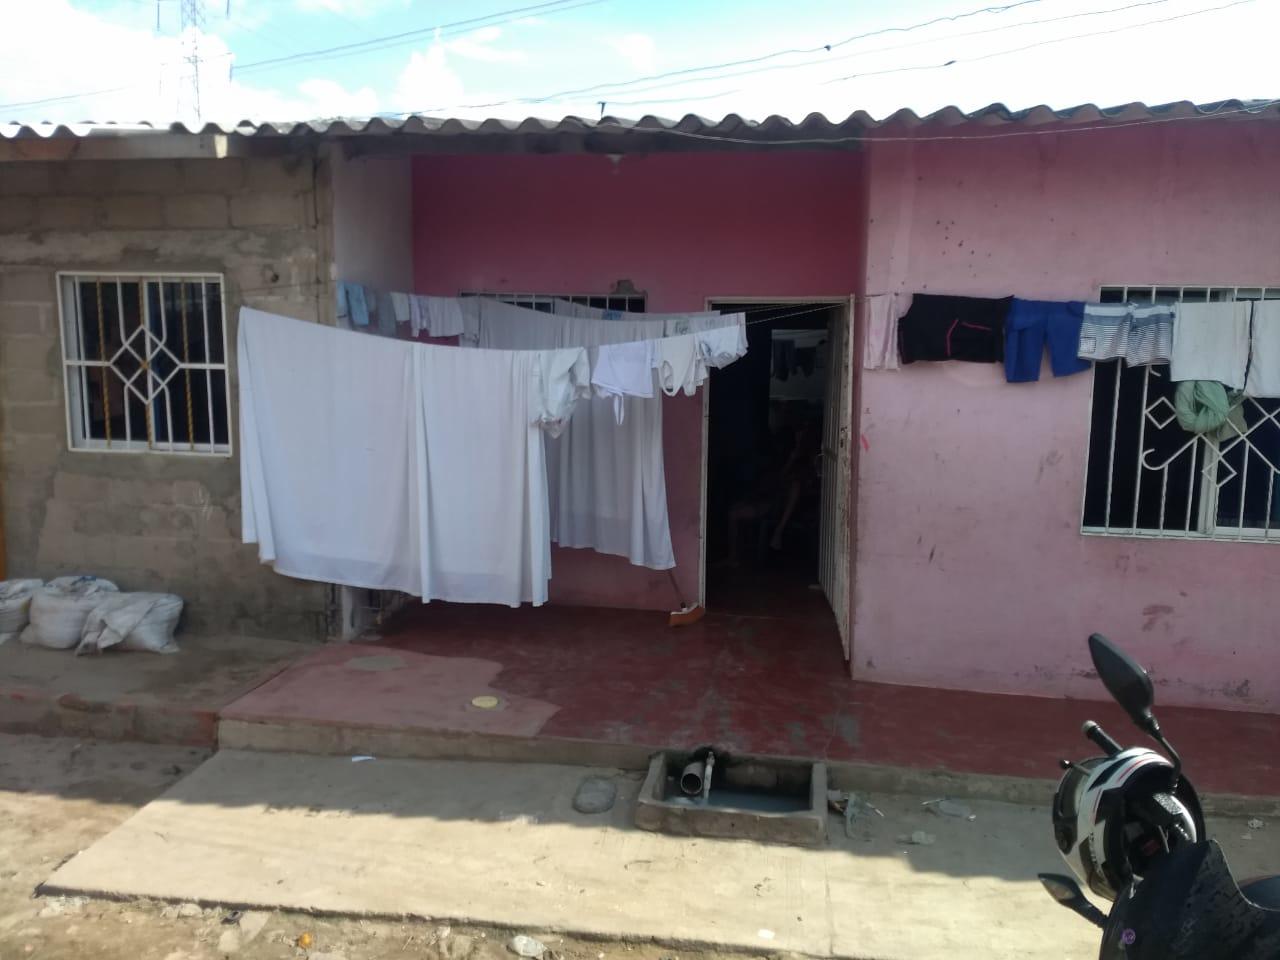 Vivienda donde ocurrió el feminicidio en Soledad.